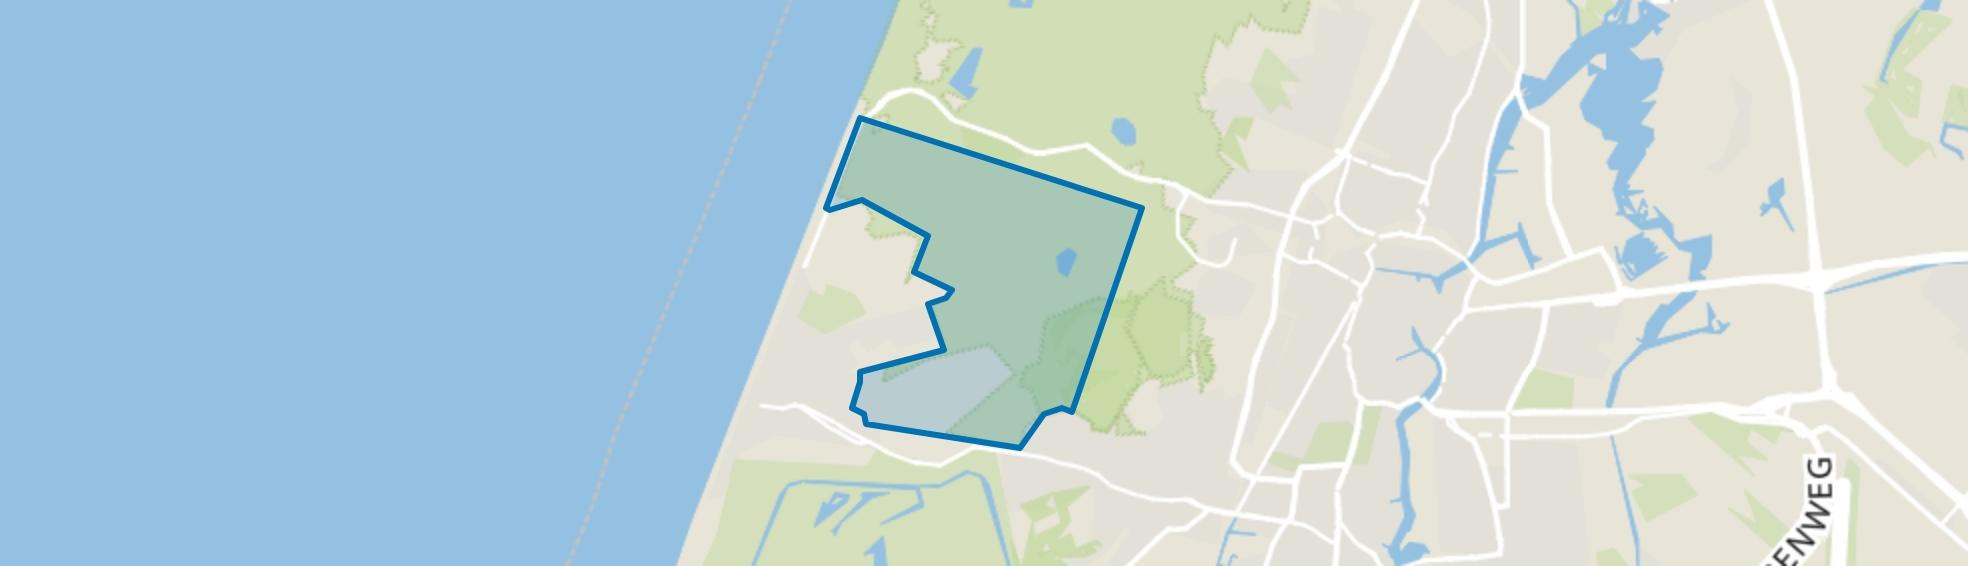 Noord duinen, Zandvoort map